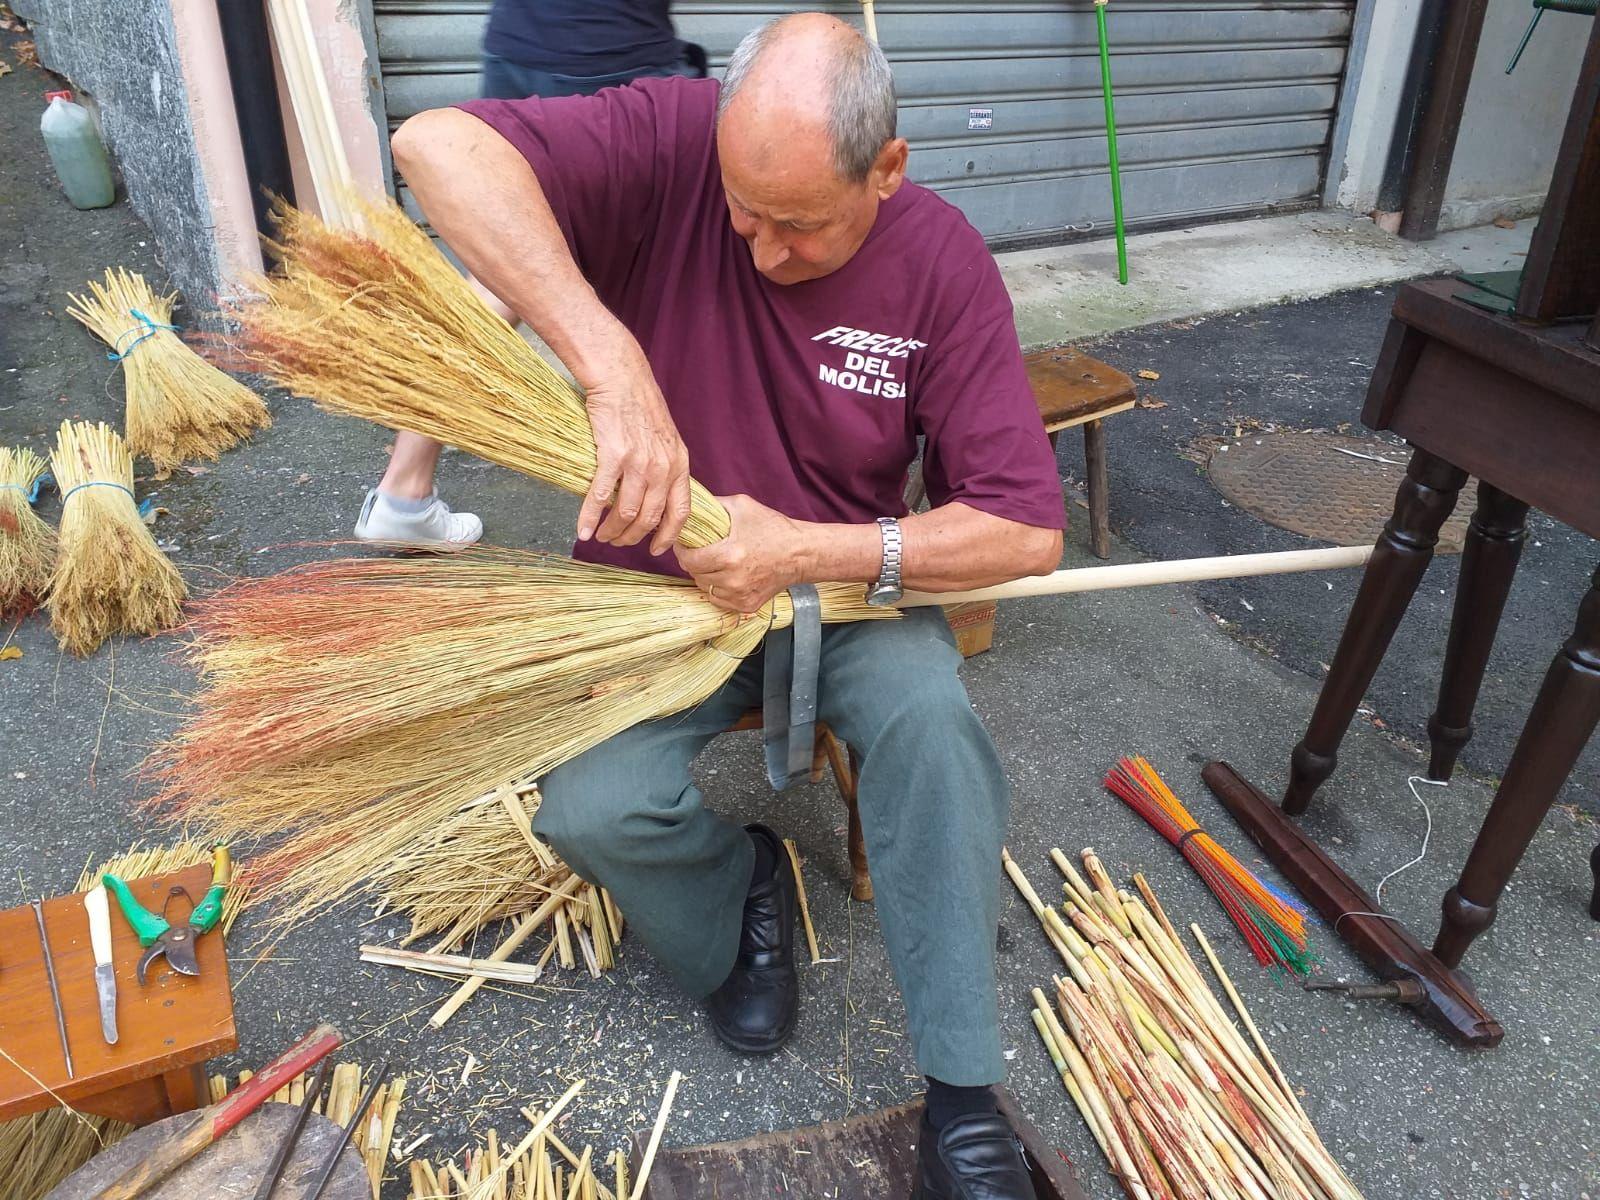 FOGLIZZO - Il paese celebra la storica lavorazione della saggina